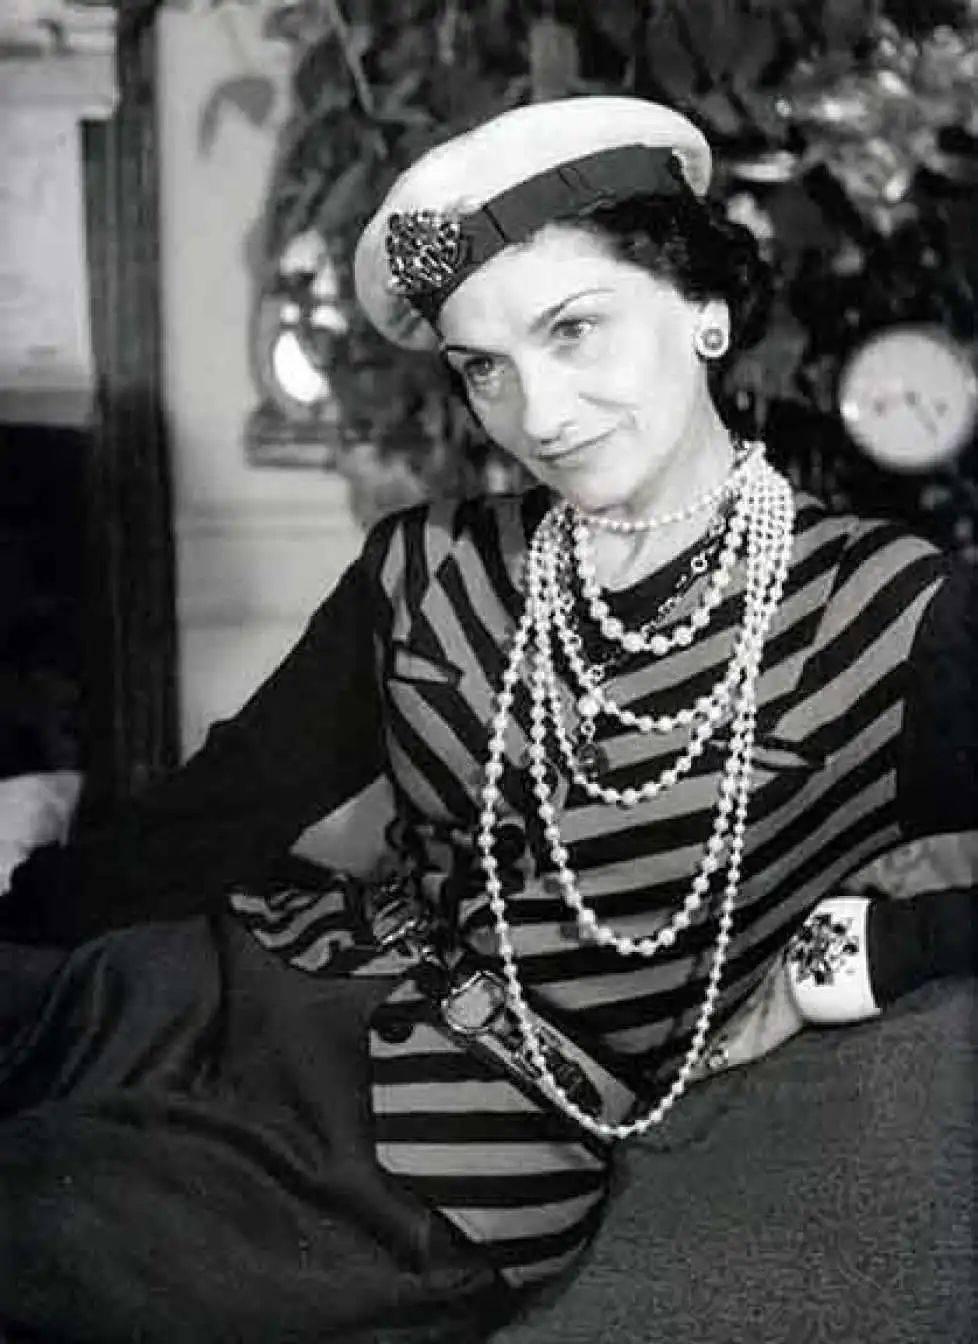 在成为皇室成员之前,凯特王妃就一直遵循着的这种休闲时尚原则